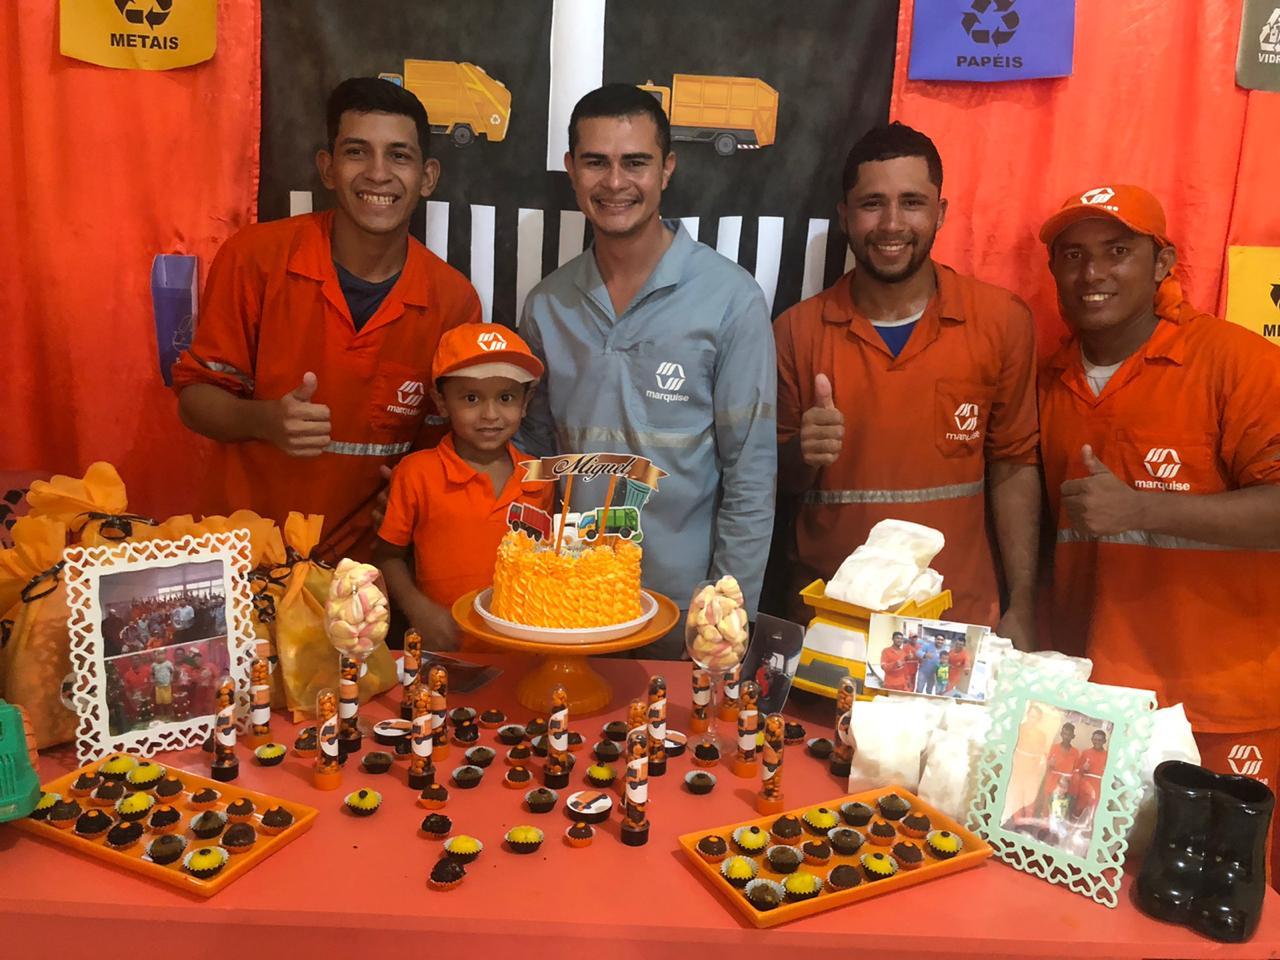 Criança de Manaus completa 5 anos e pede de presente festa com tema 'Gari'